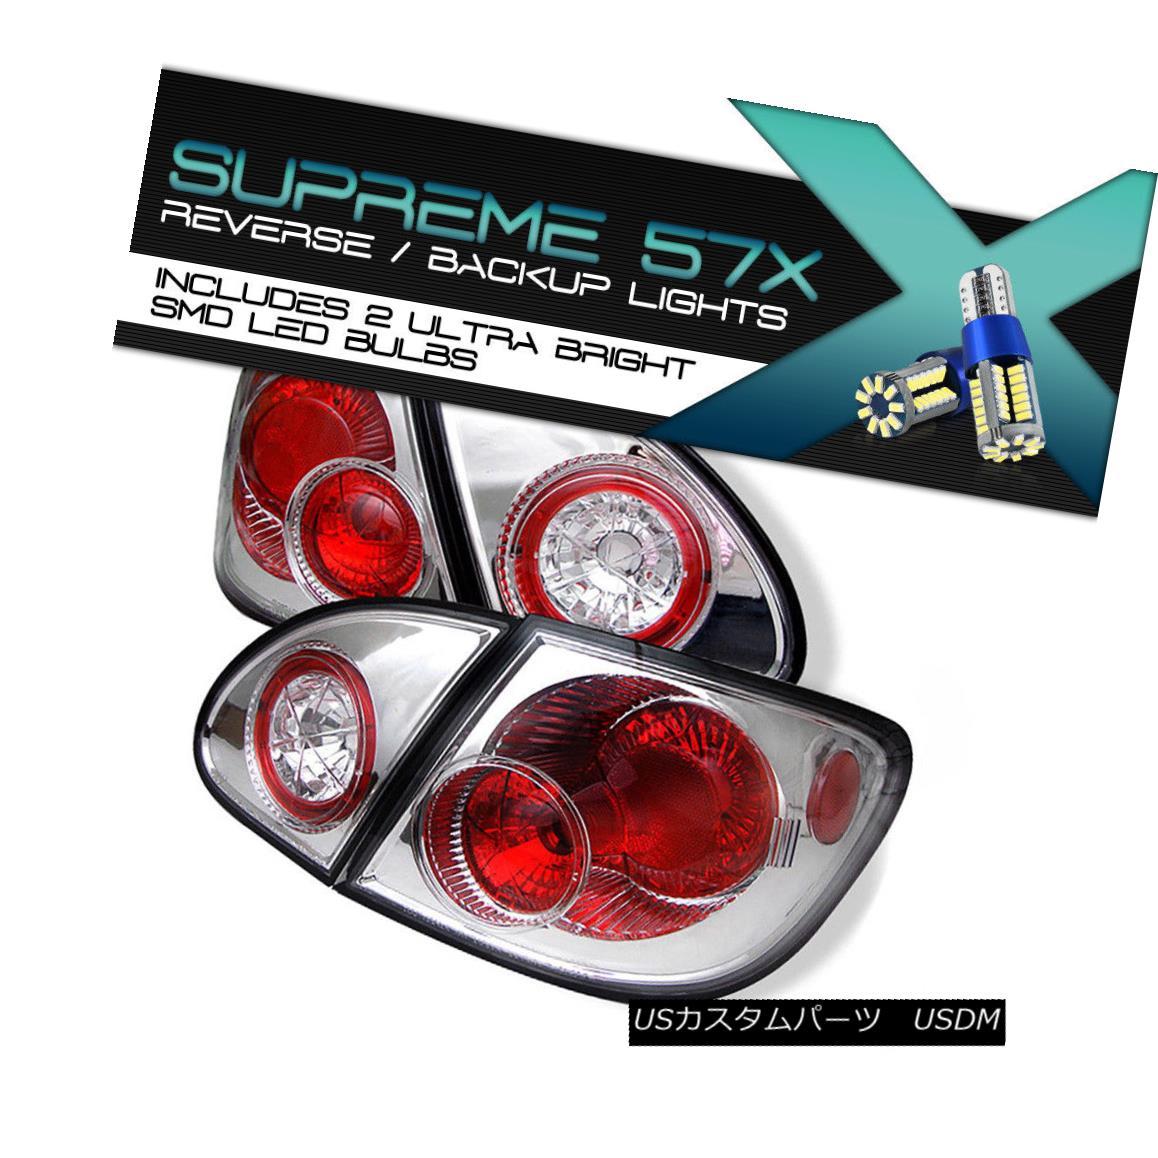 テールライト Full SMD Backup Toyota Corolla 03-08 Clear Altezza Tail Lights Brake Left+Right フルSMDバックアップトヨタカローラ03-08クリアAltezzaテールライトブレーキ左+右